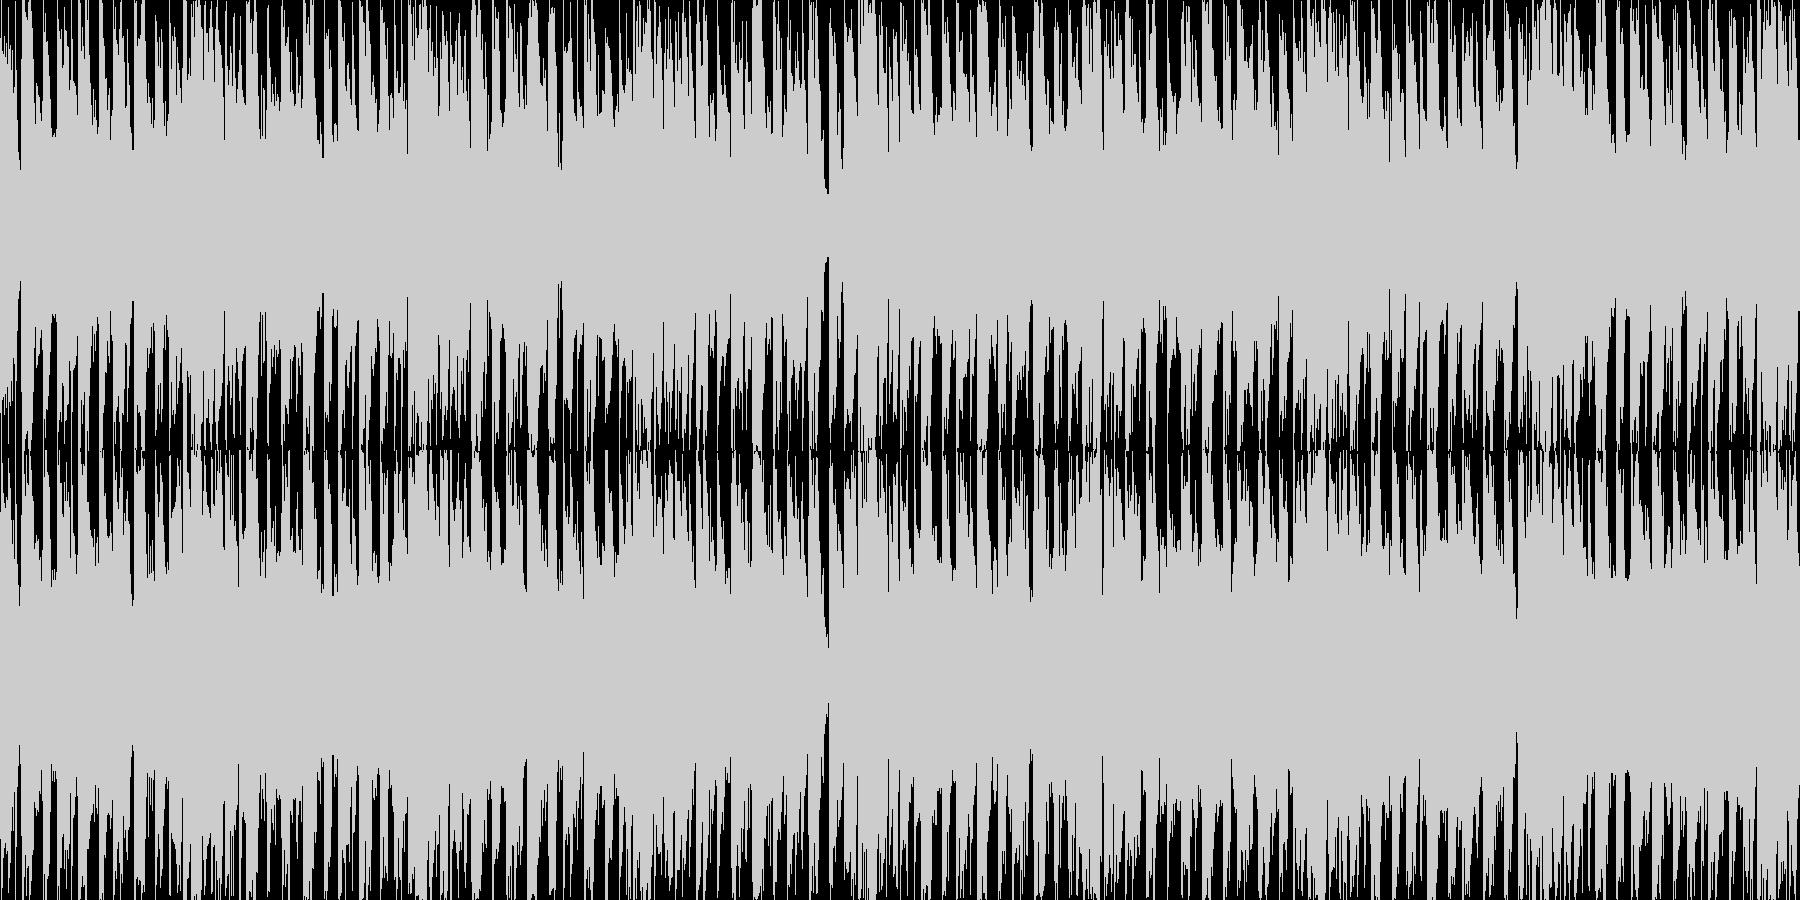 ダブステップLOOPの未再生の波形